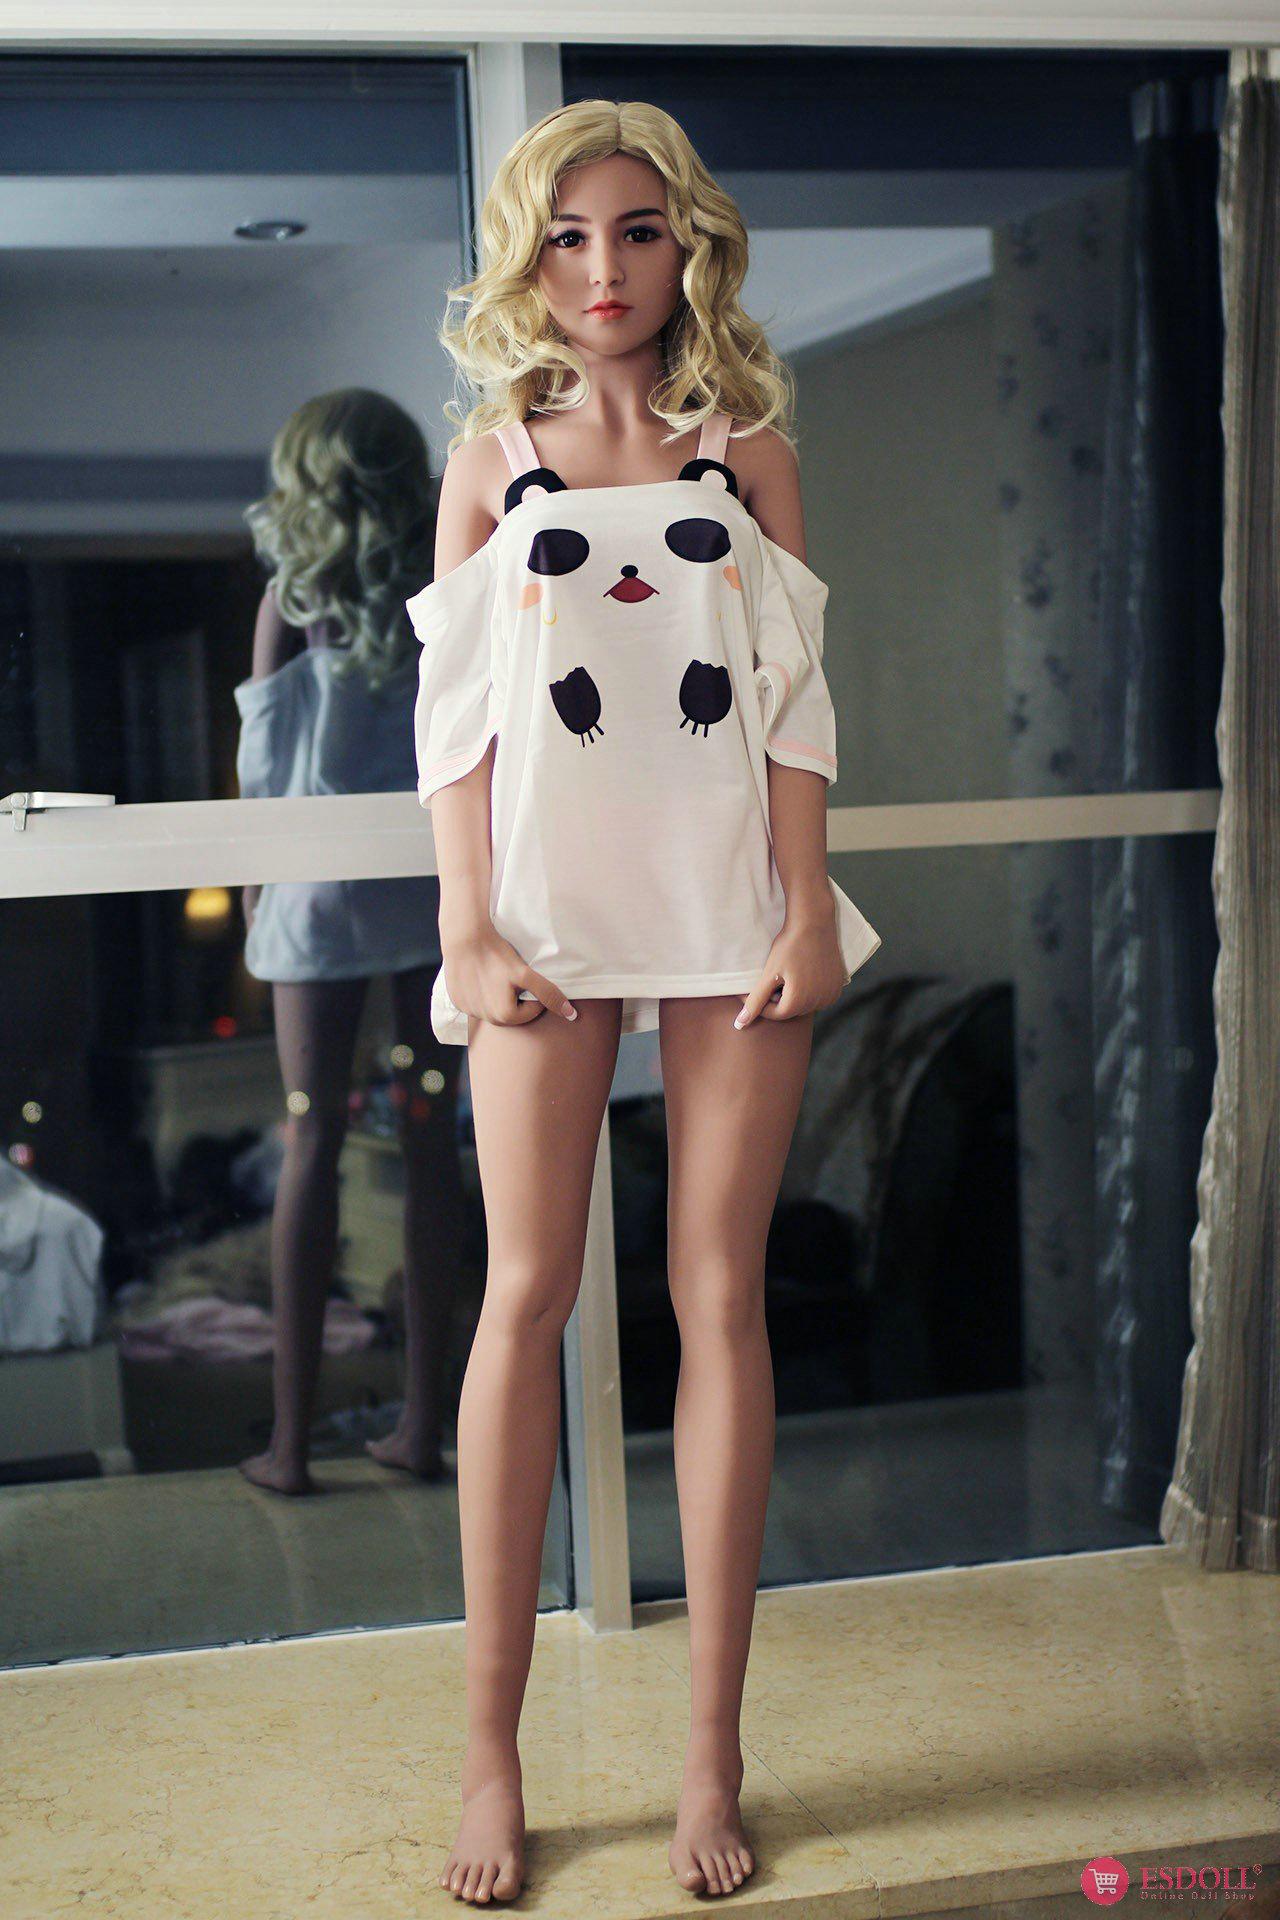 156cm 5.12ft Bonnie Silicone sex doll - 5